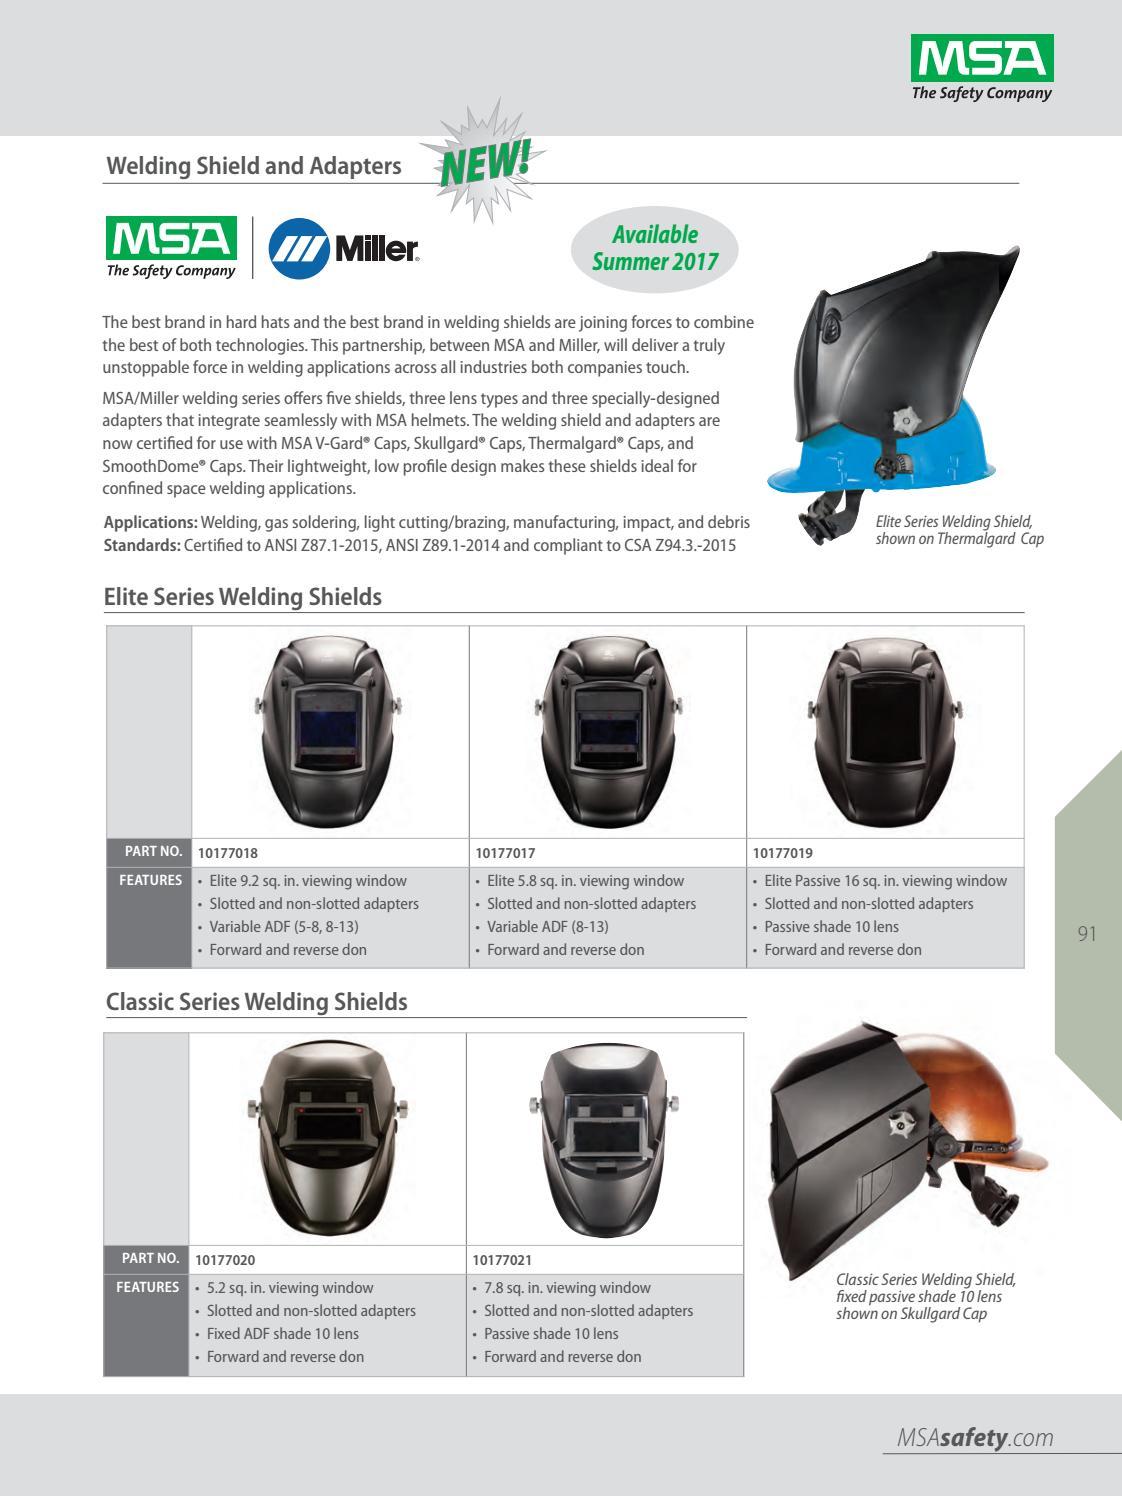 2018 MSA US Safety Equipment Catalog by Industrial de Equipos de